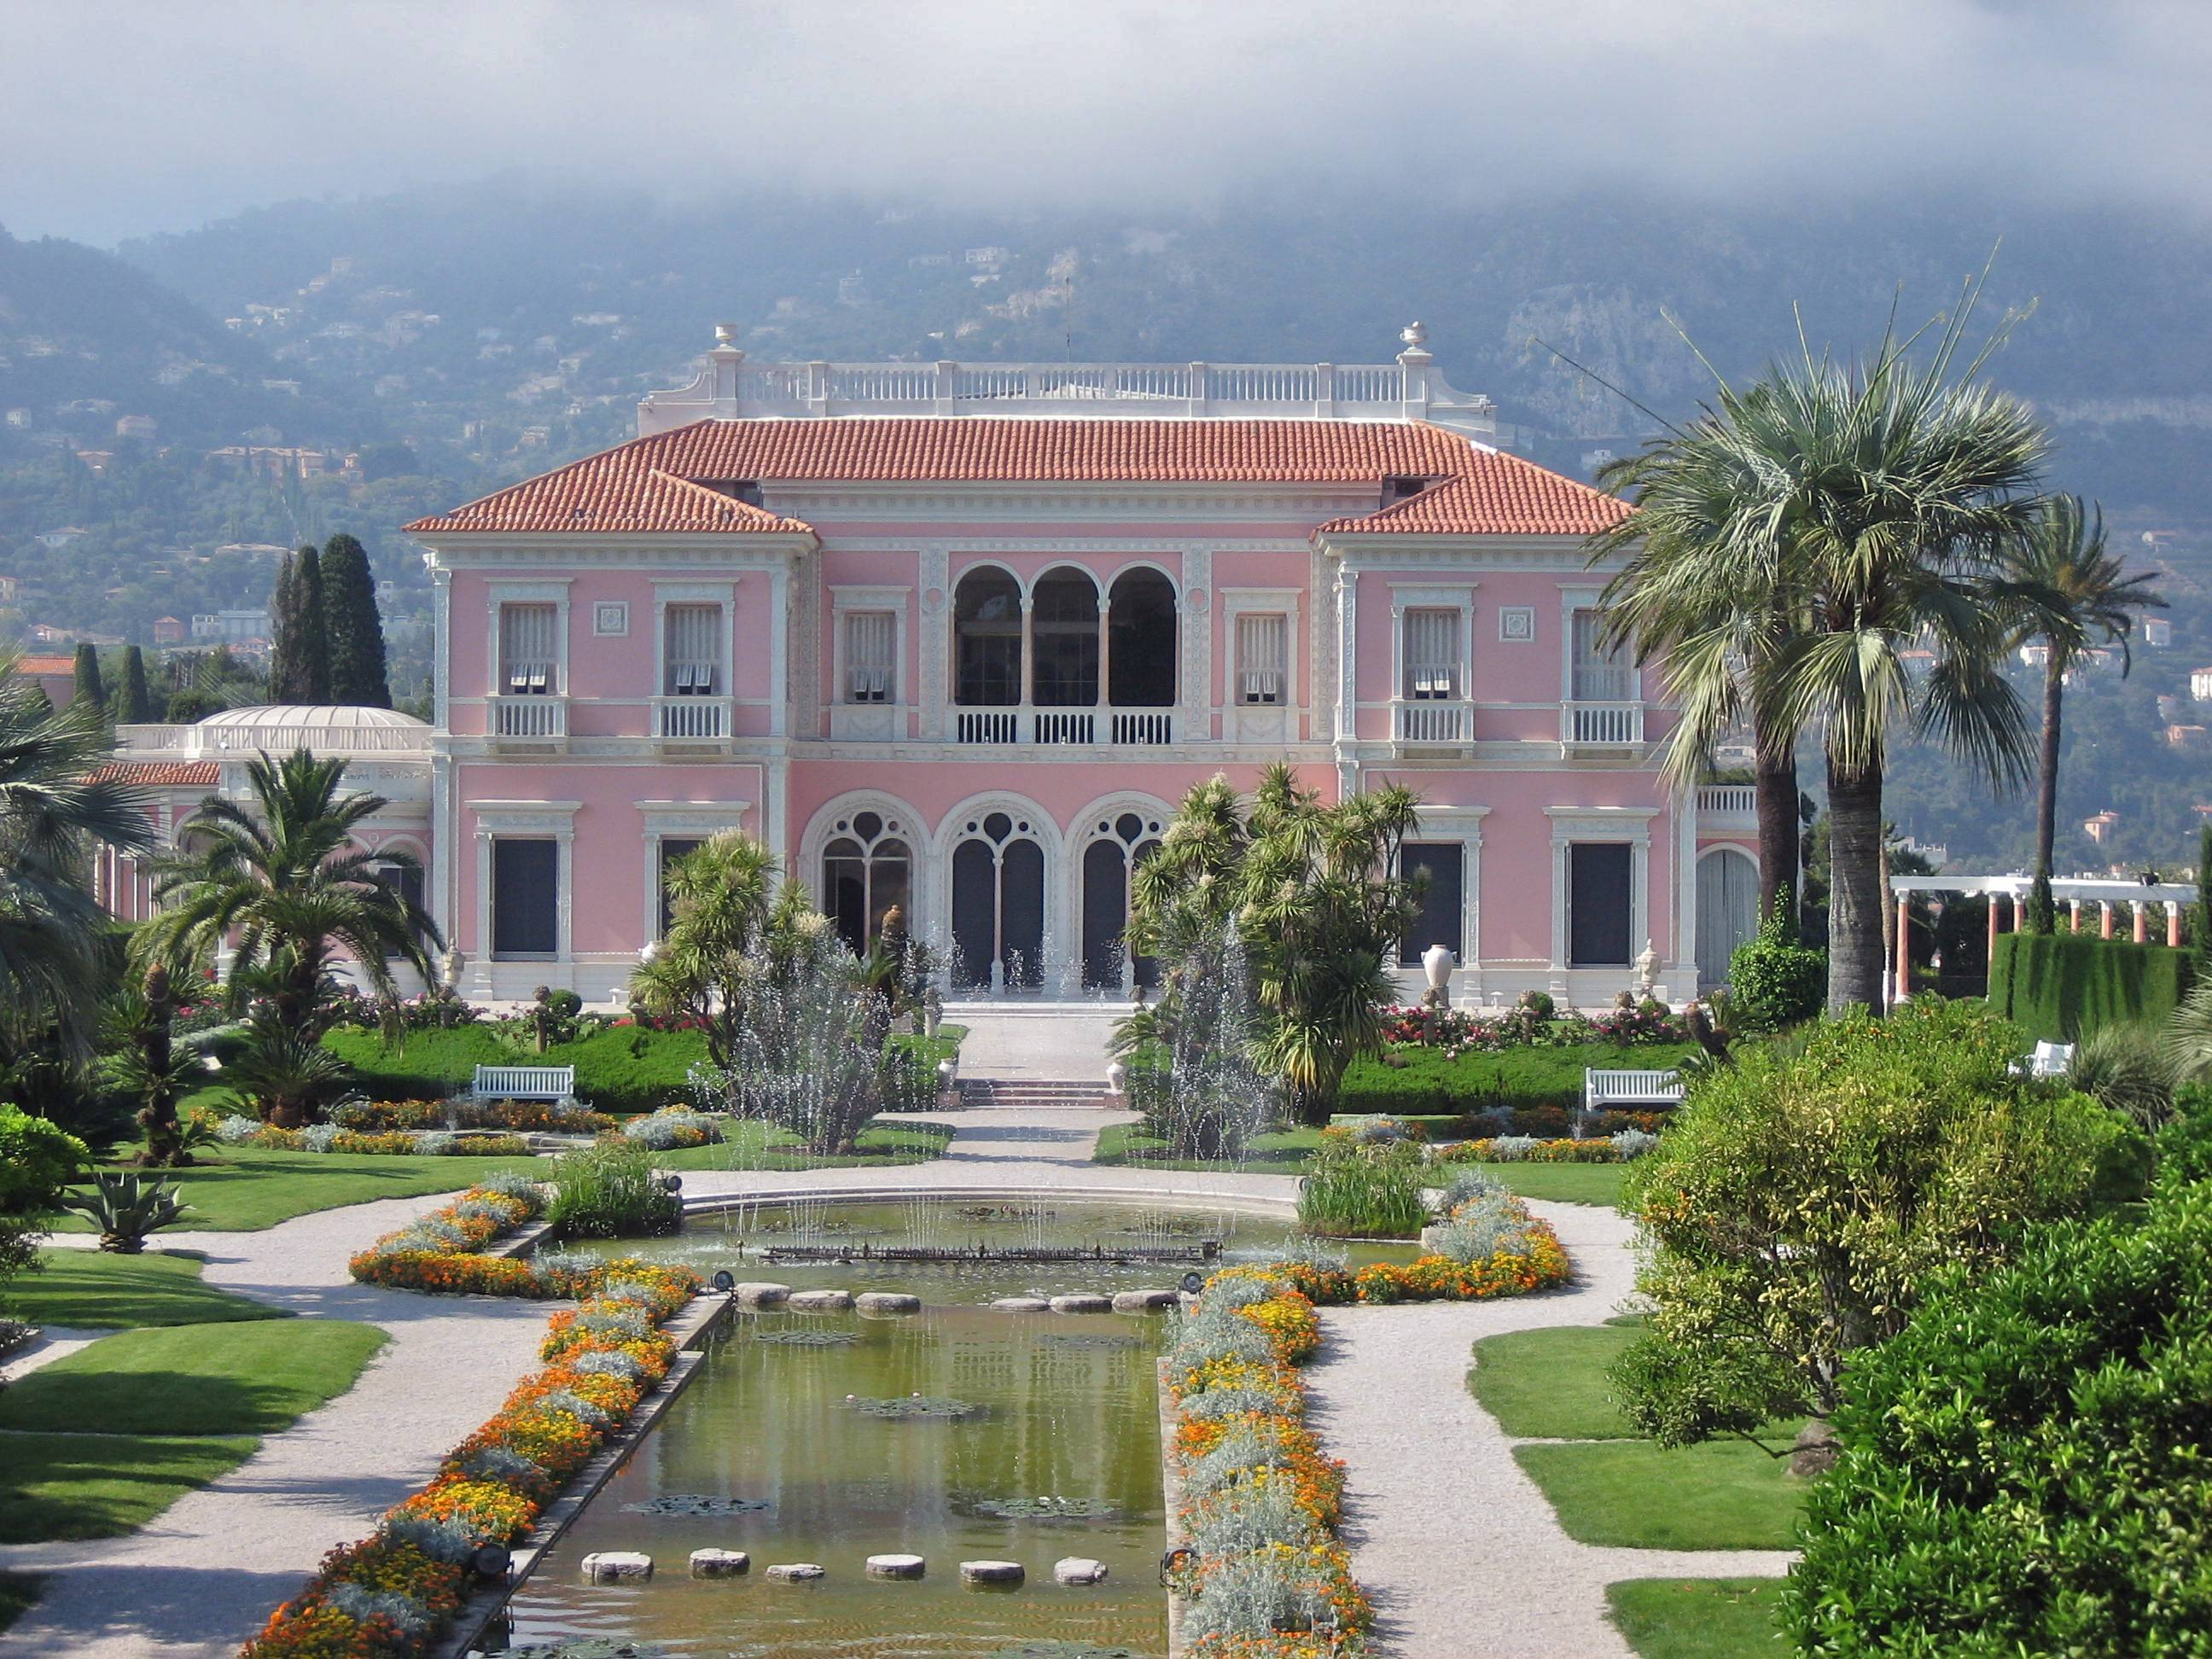 Villa Ephrussi de Rothschild sur la Côte d'Azur